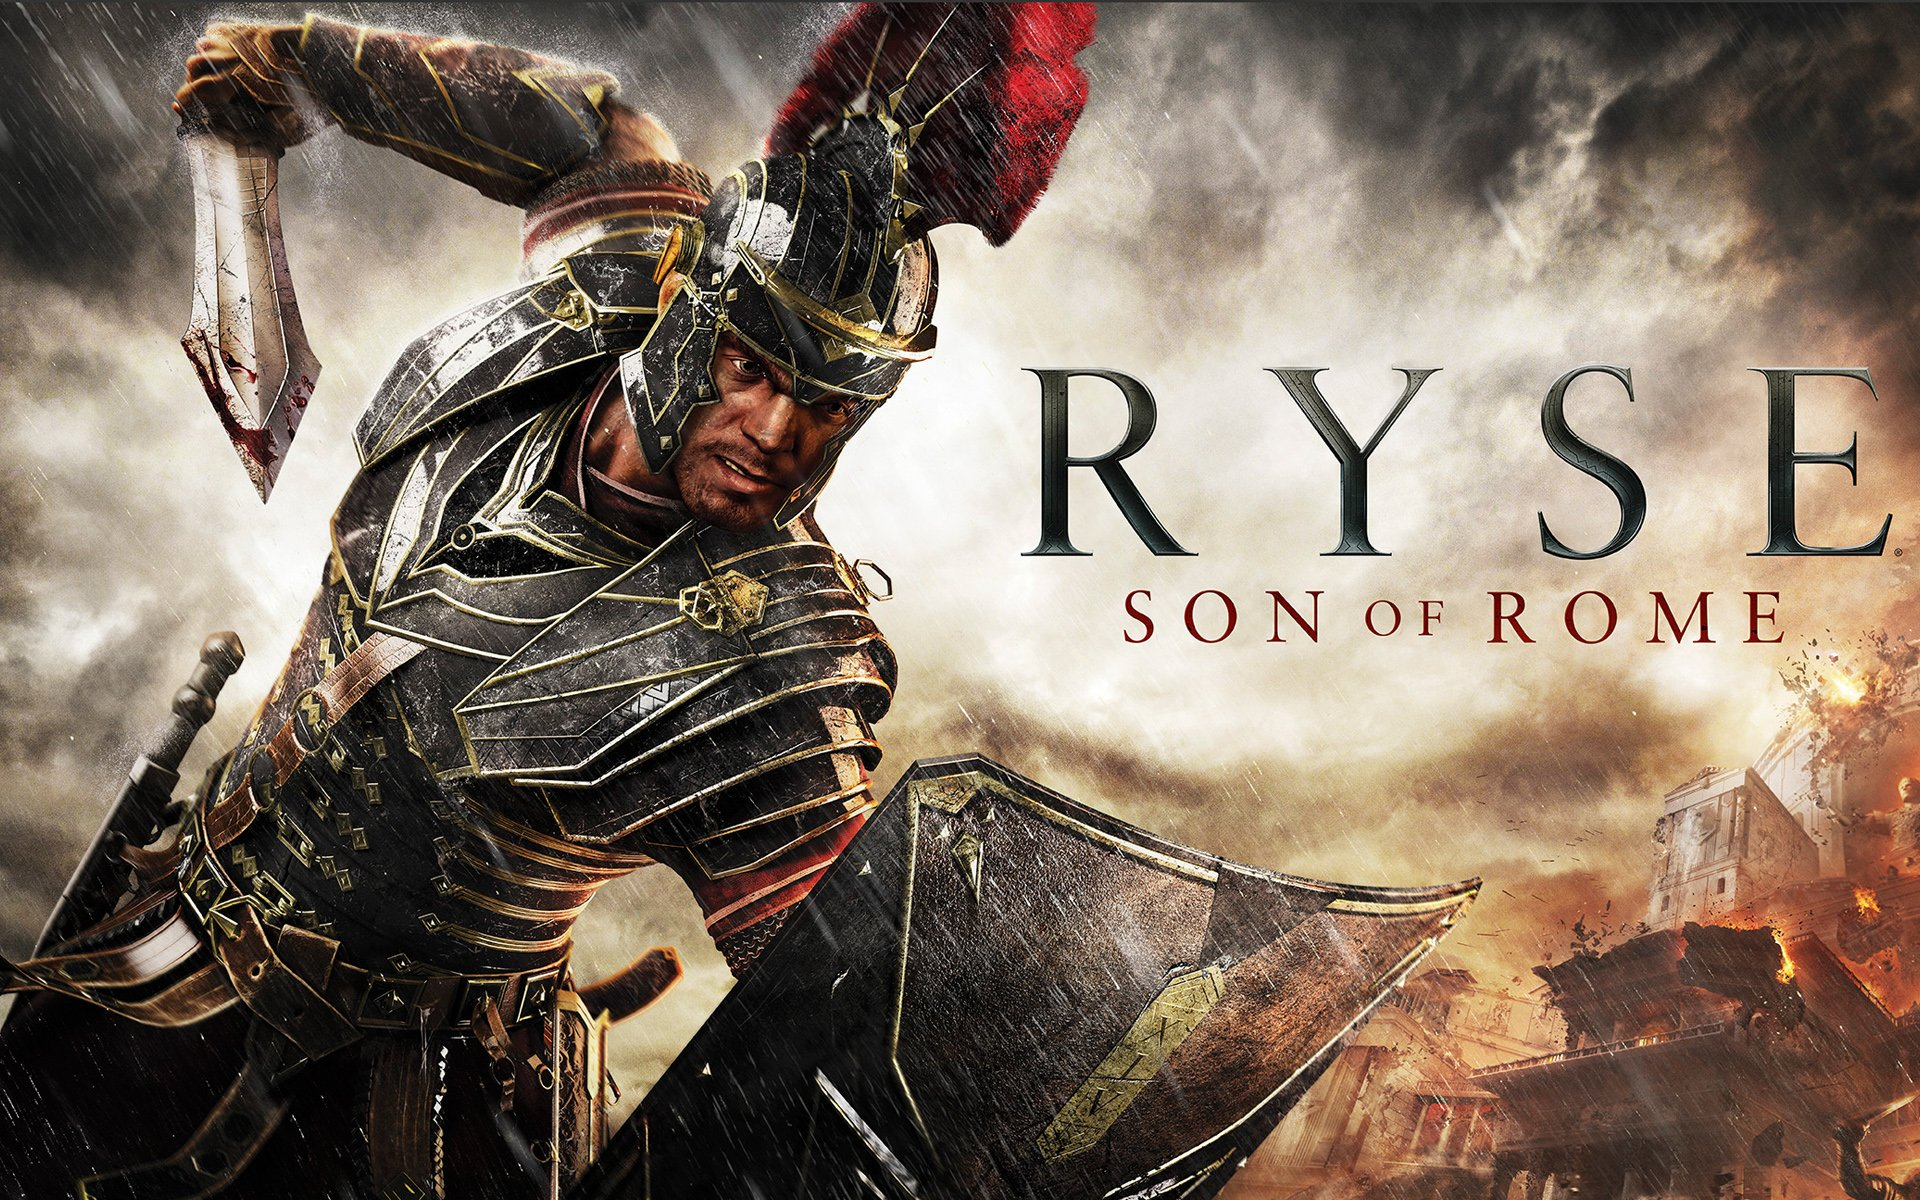 Бесплатная раздача Ryse: Son of Rome (не в Steam). - Изображение 1